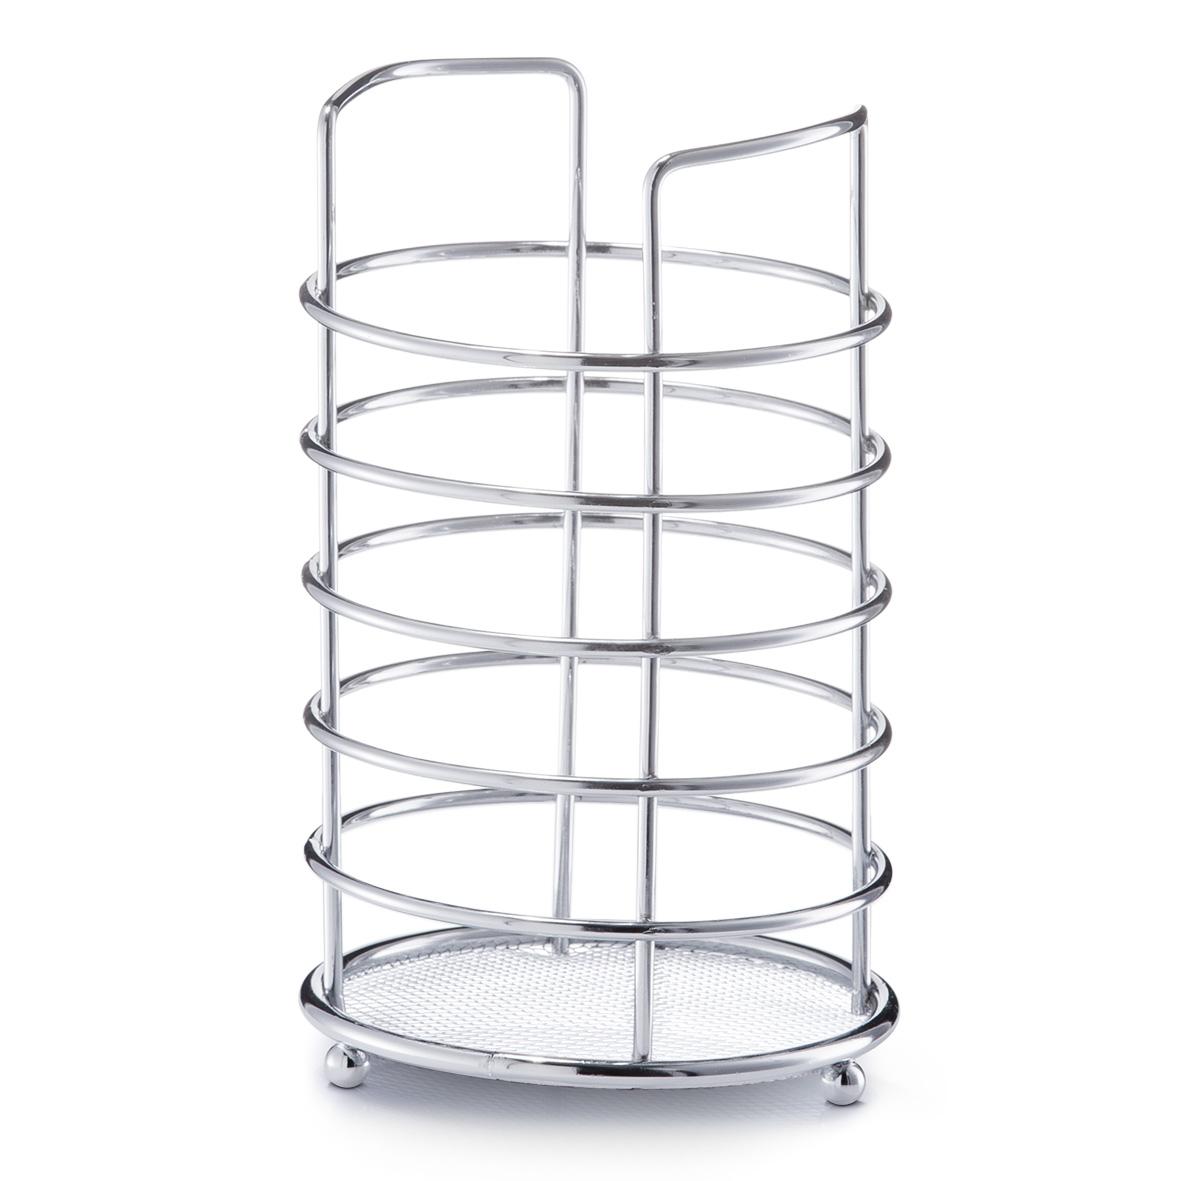 Подставка для кухонных принадлежностей Zeller, высота 17,5 см24869Подставка Zeller предназначена для удобного хранения и перемещения кухонных принадлежностей. Подставка выполнена из высококачественного металла. Каждая хозяйка знает, что подставка для кухонных принадлежностей - это незаменимый и очень полезный аксессуар на каждой кухне.Диаметр подставки (по верхнему краю): 11 см. Высота подставки: 17,5 см.